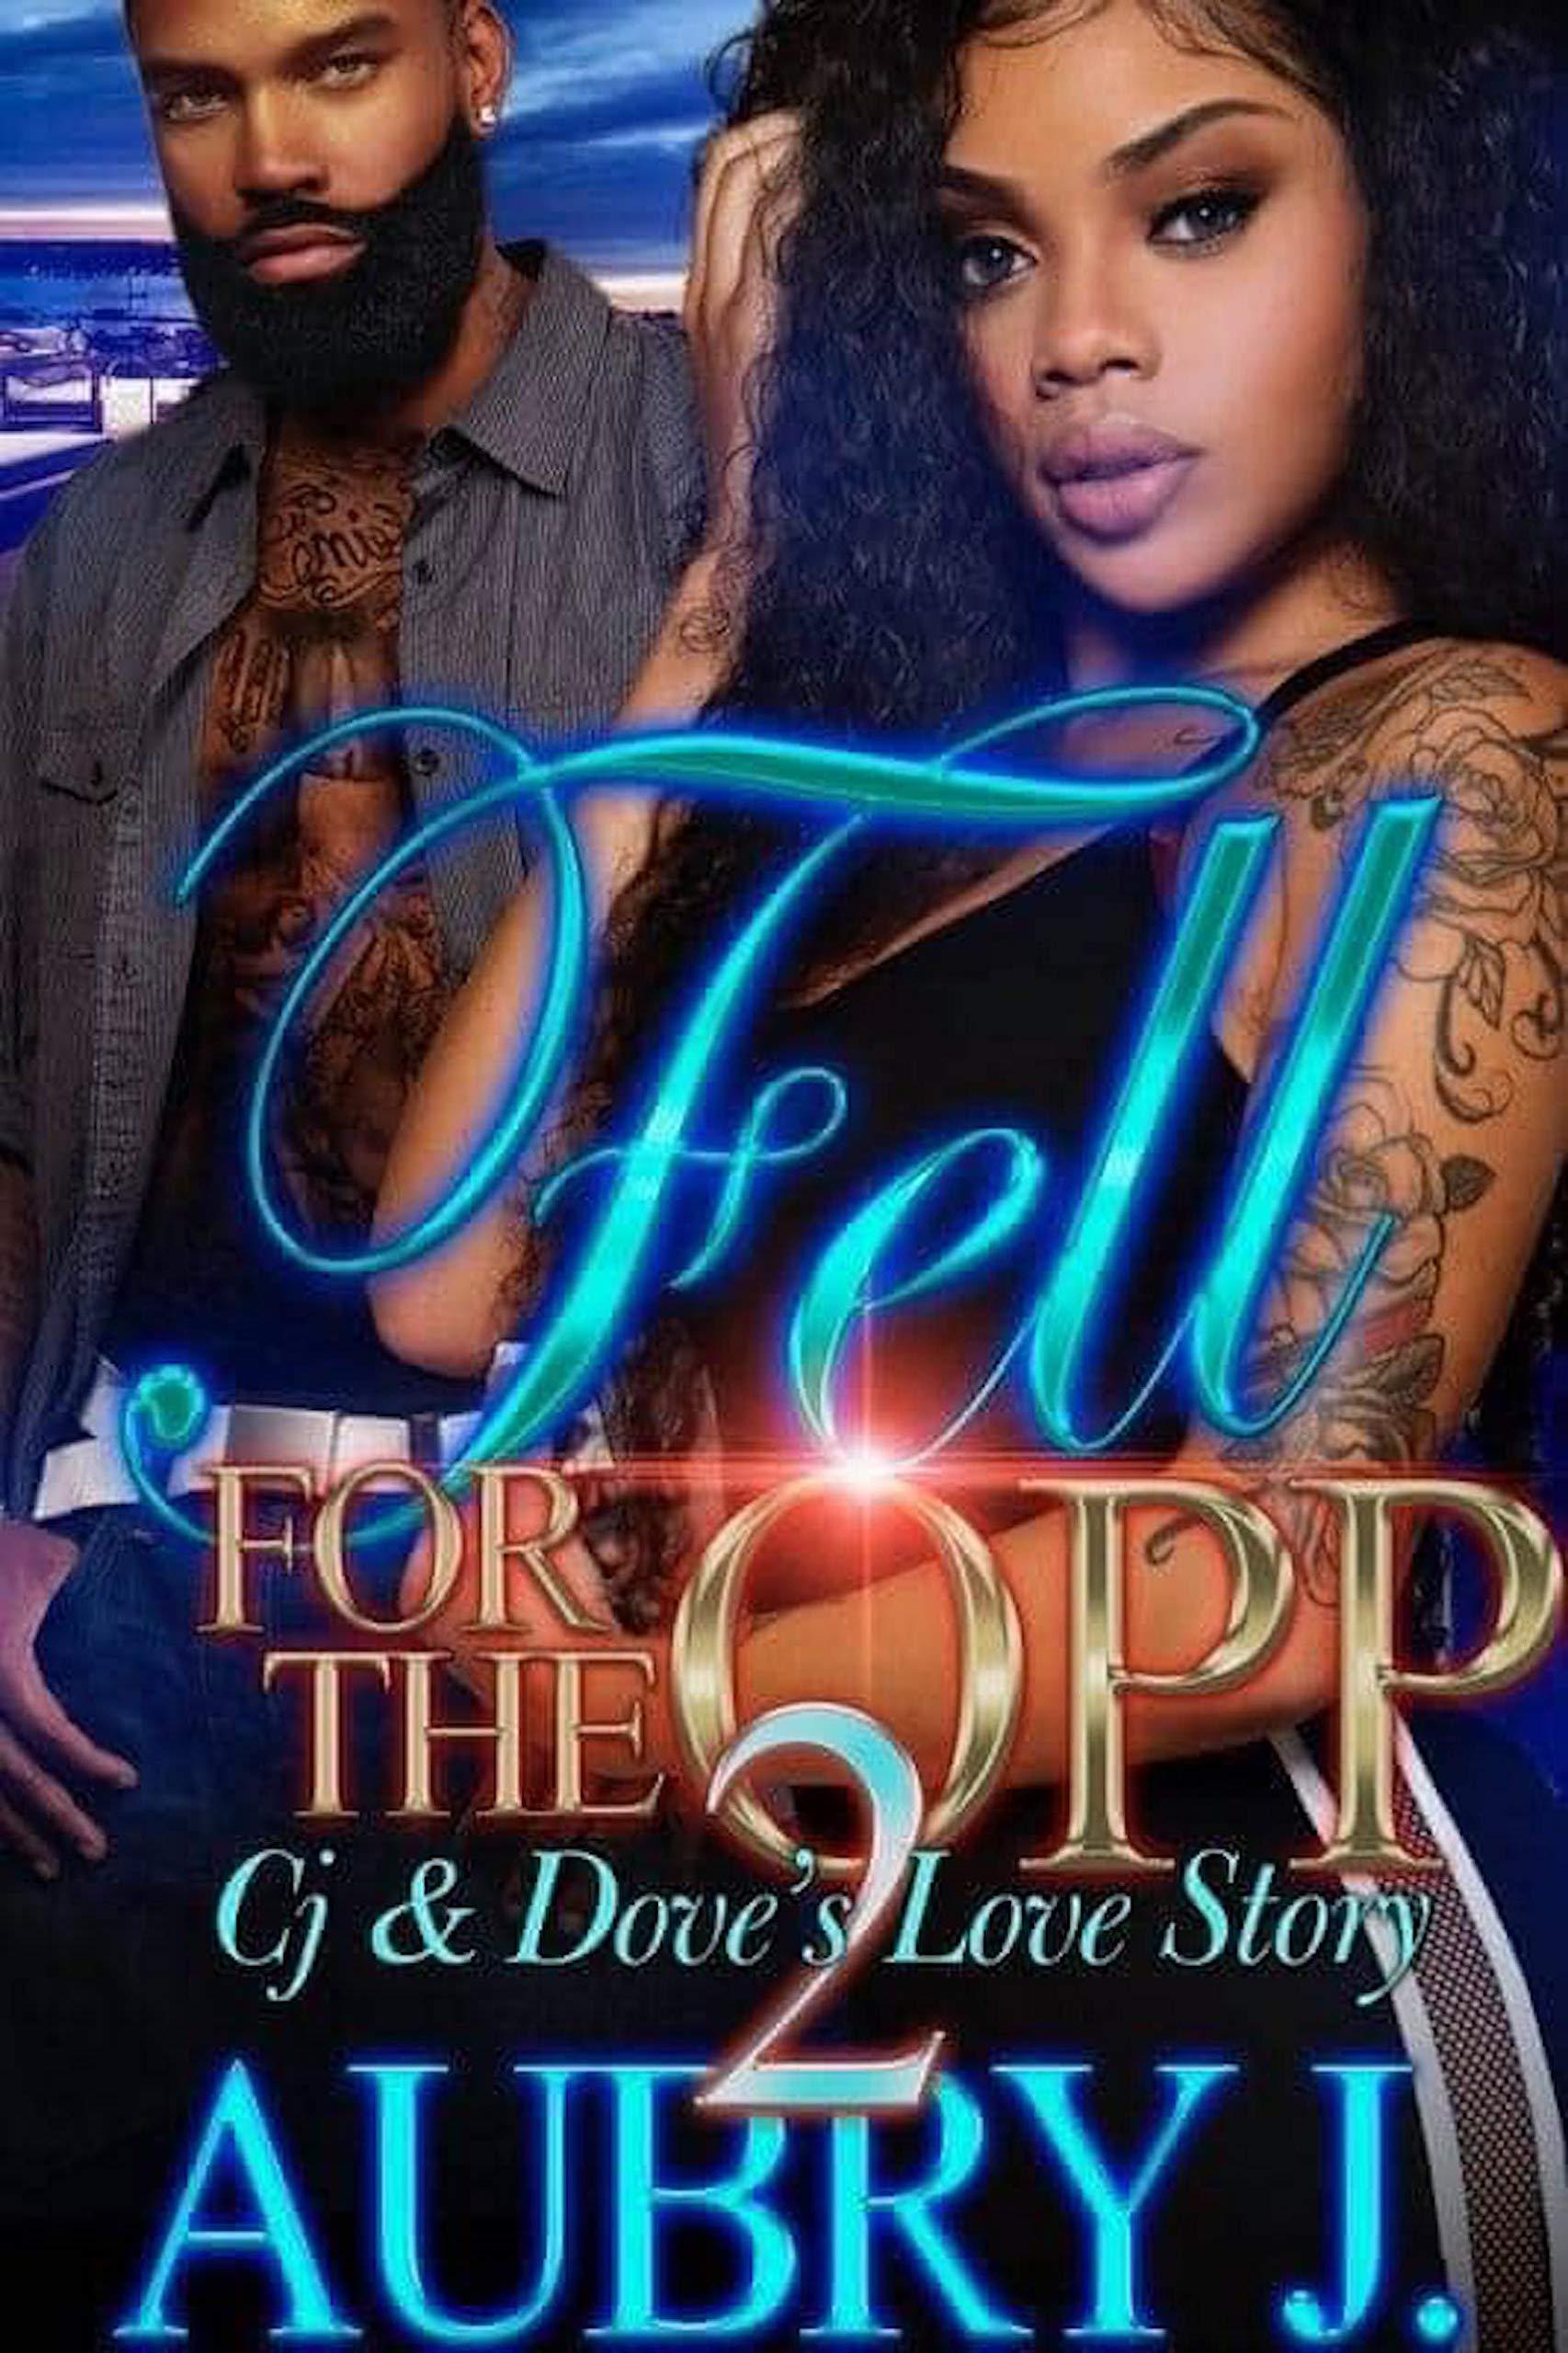 Fell for the Opp 2: Dove & Cj's Love Story